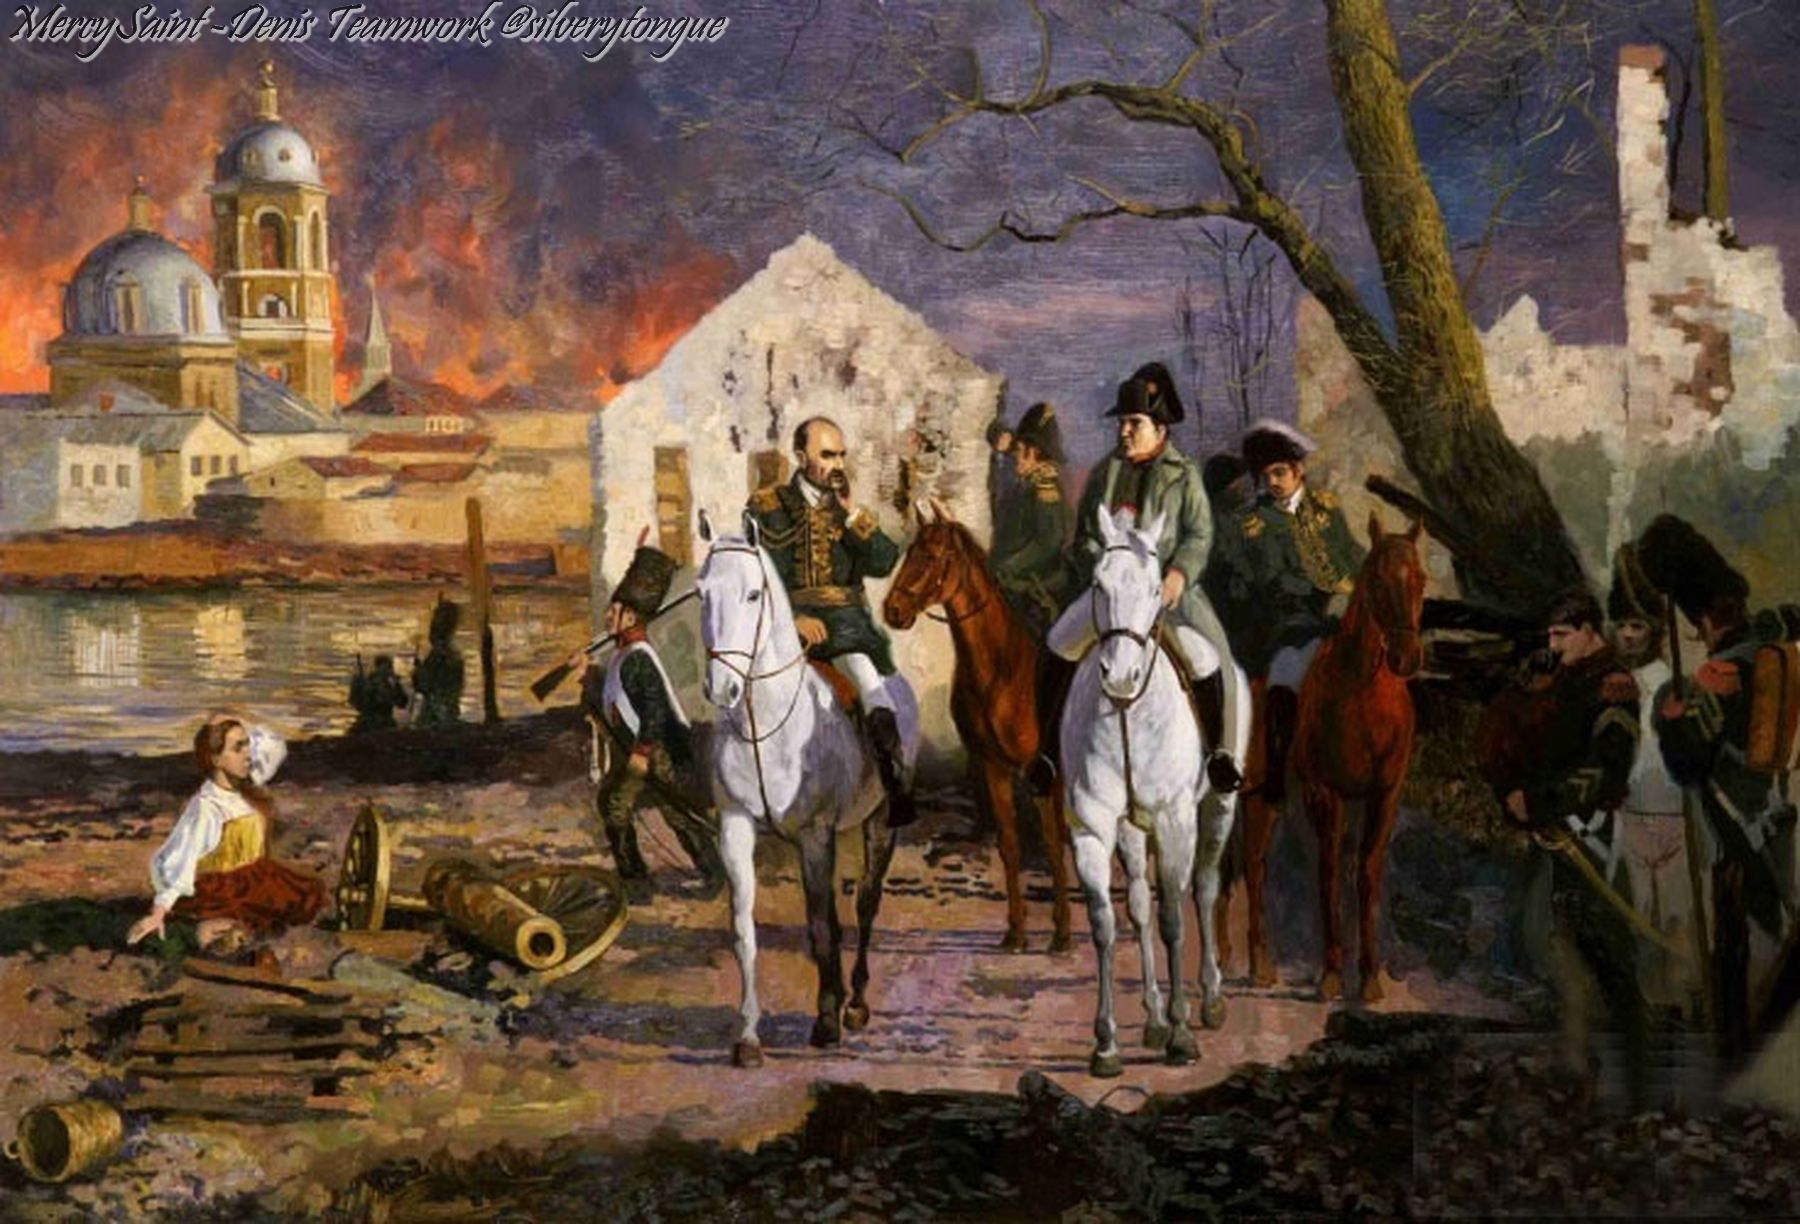 Napoleon Bonaparte in a Burning Moscow, 14 Sept 1812 by Simon Kozhin (2000).